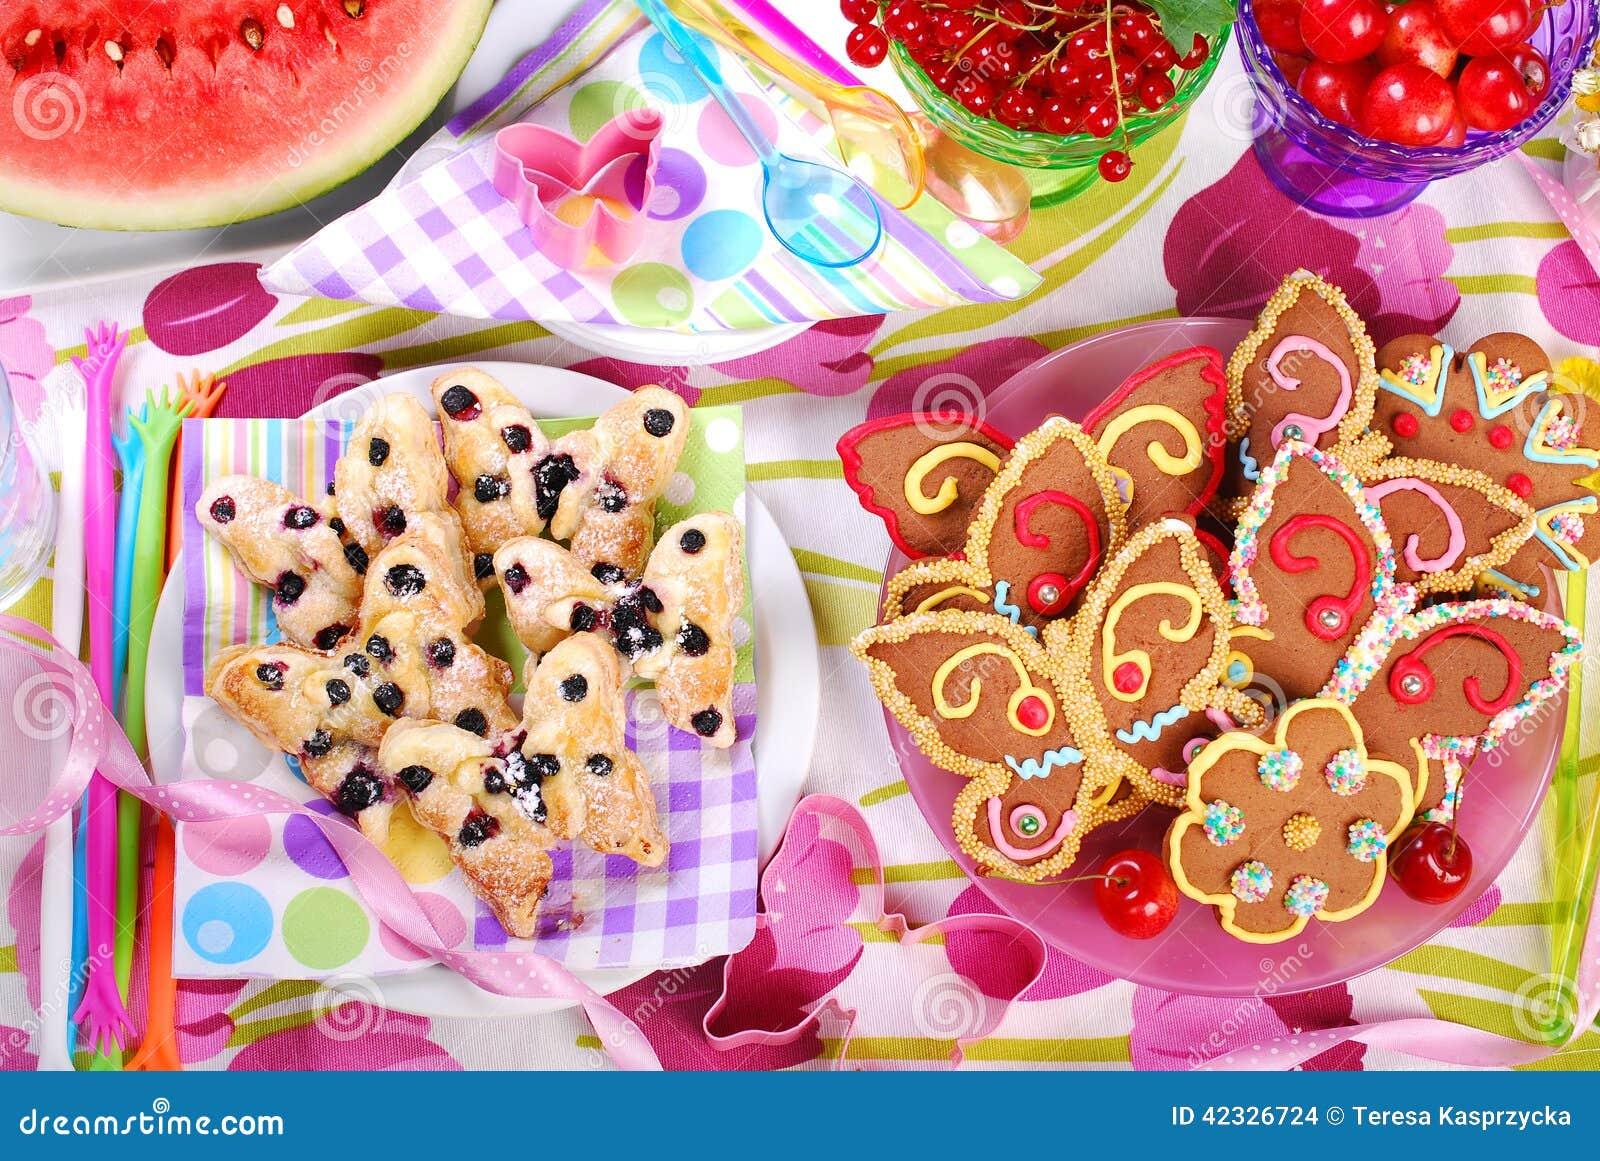 Puff Pastry Birthday Cake